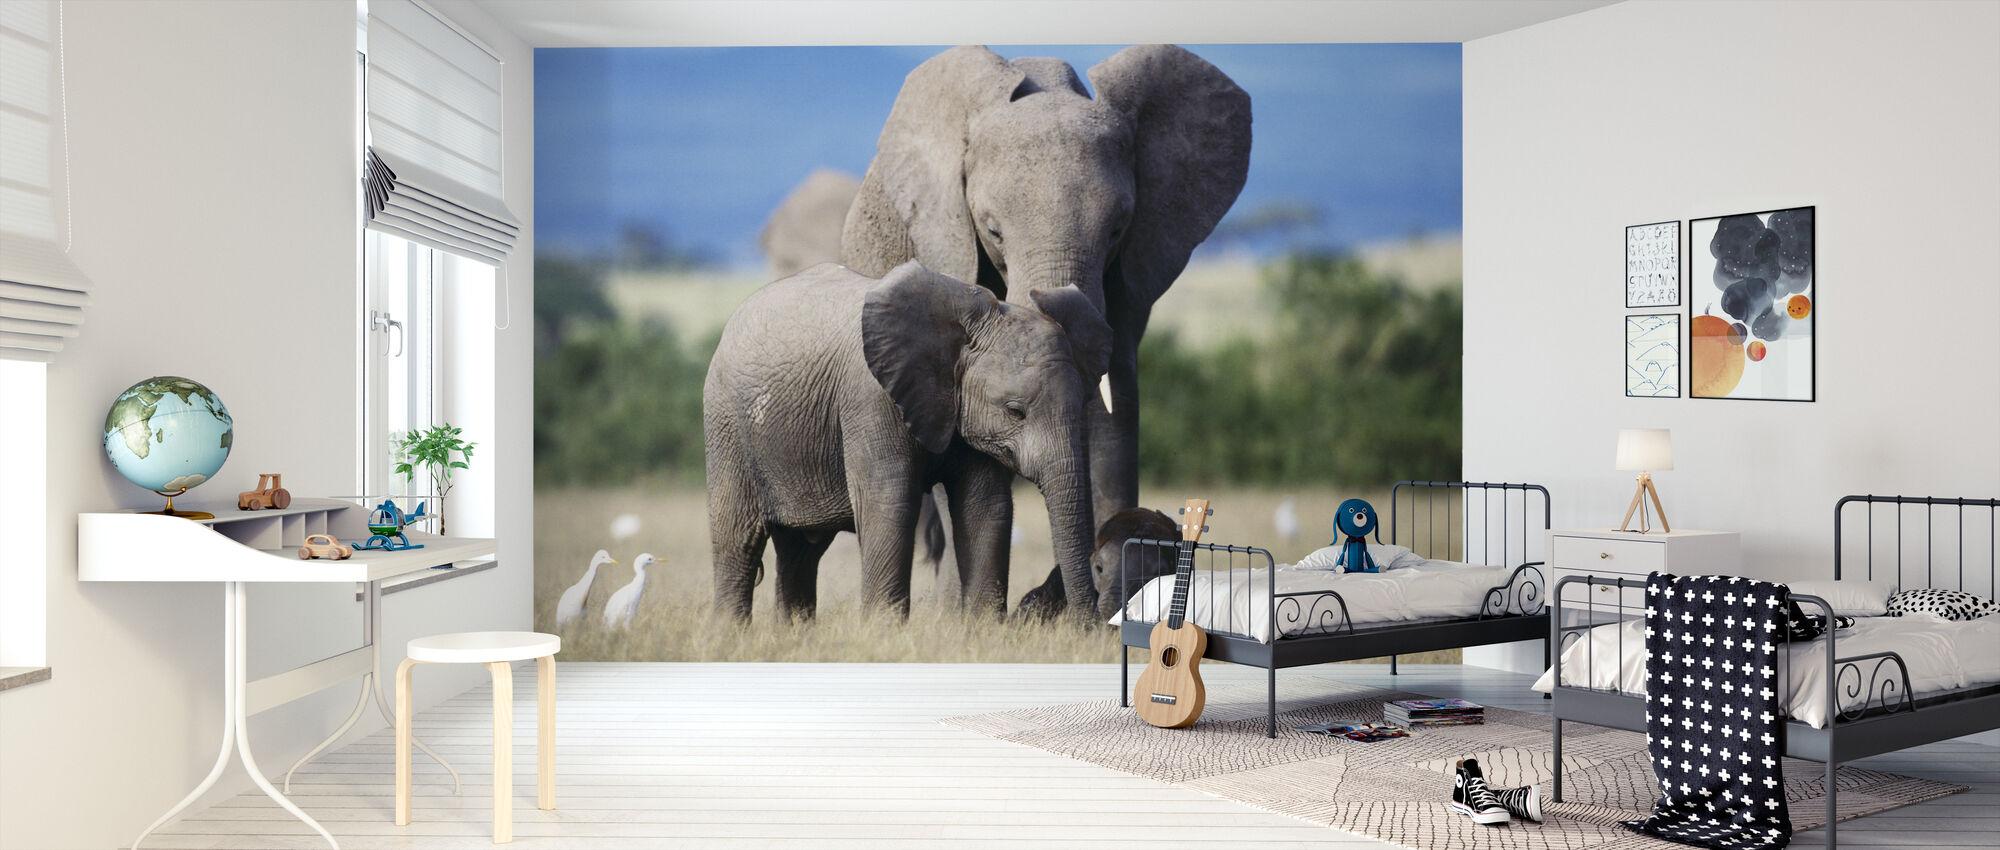 Elephant Family - Wallpaper - Kids Room